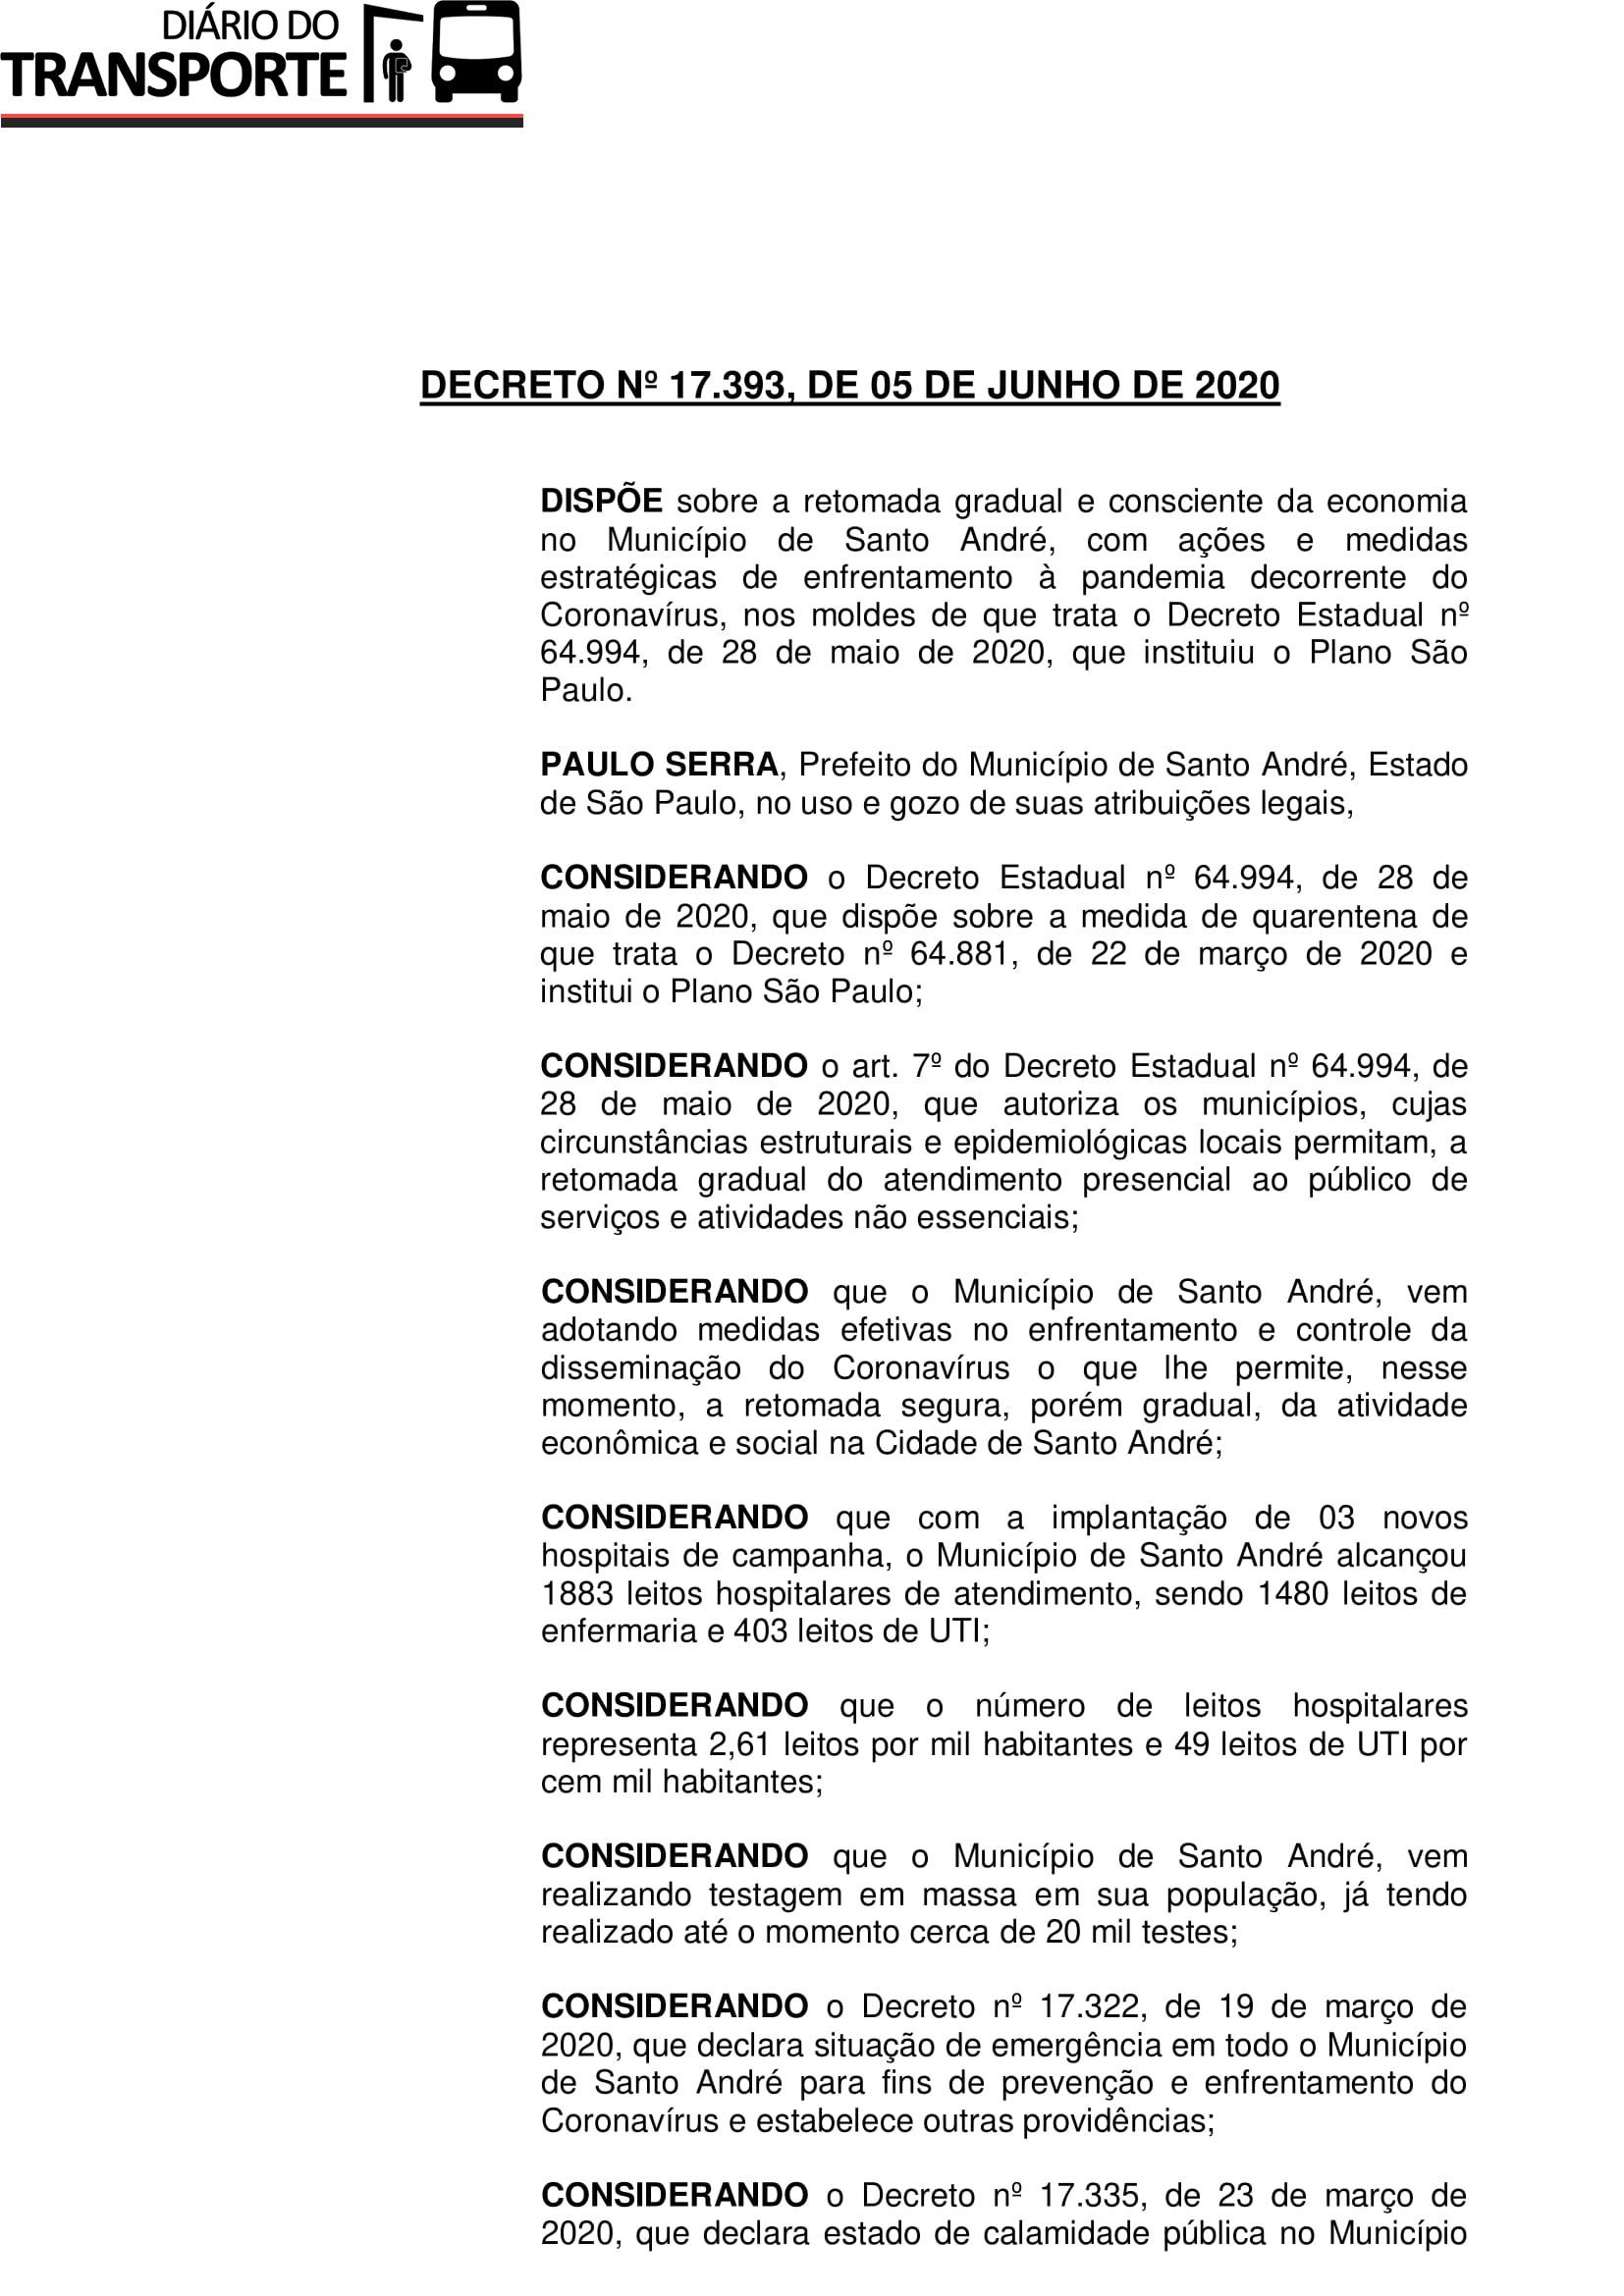 Decreto nº 17.393 (Retomada gradual e consciente da economia) (1)-1